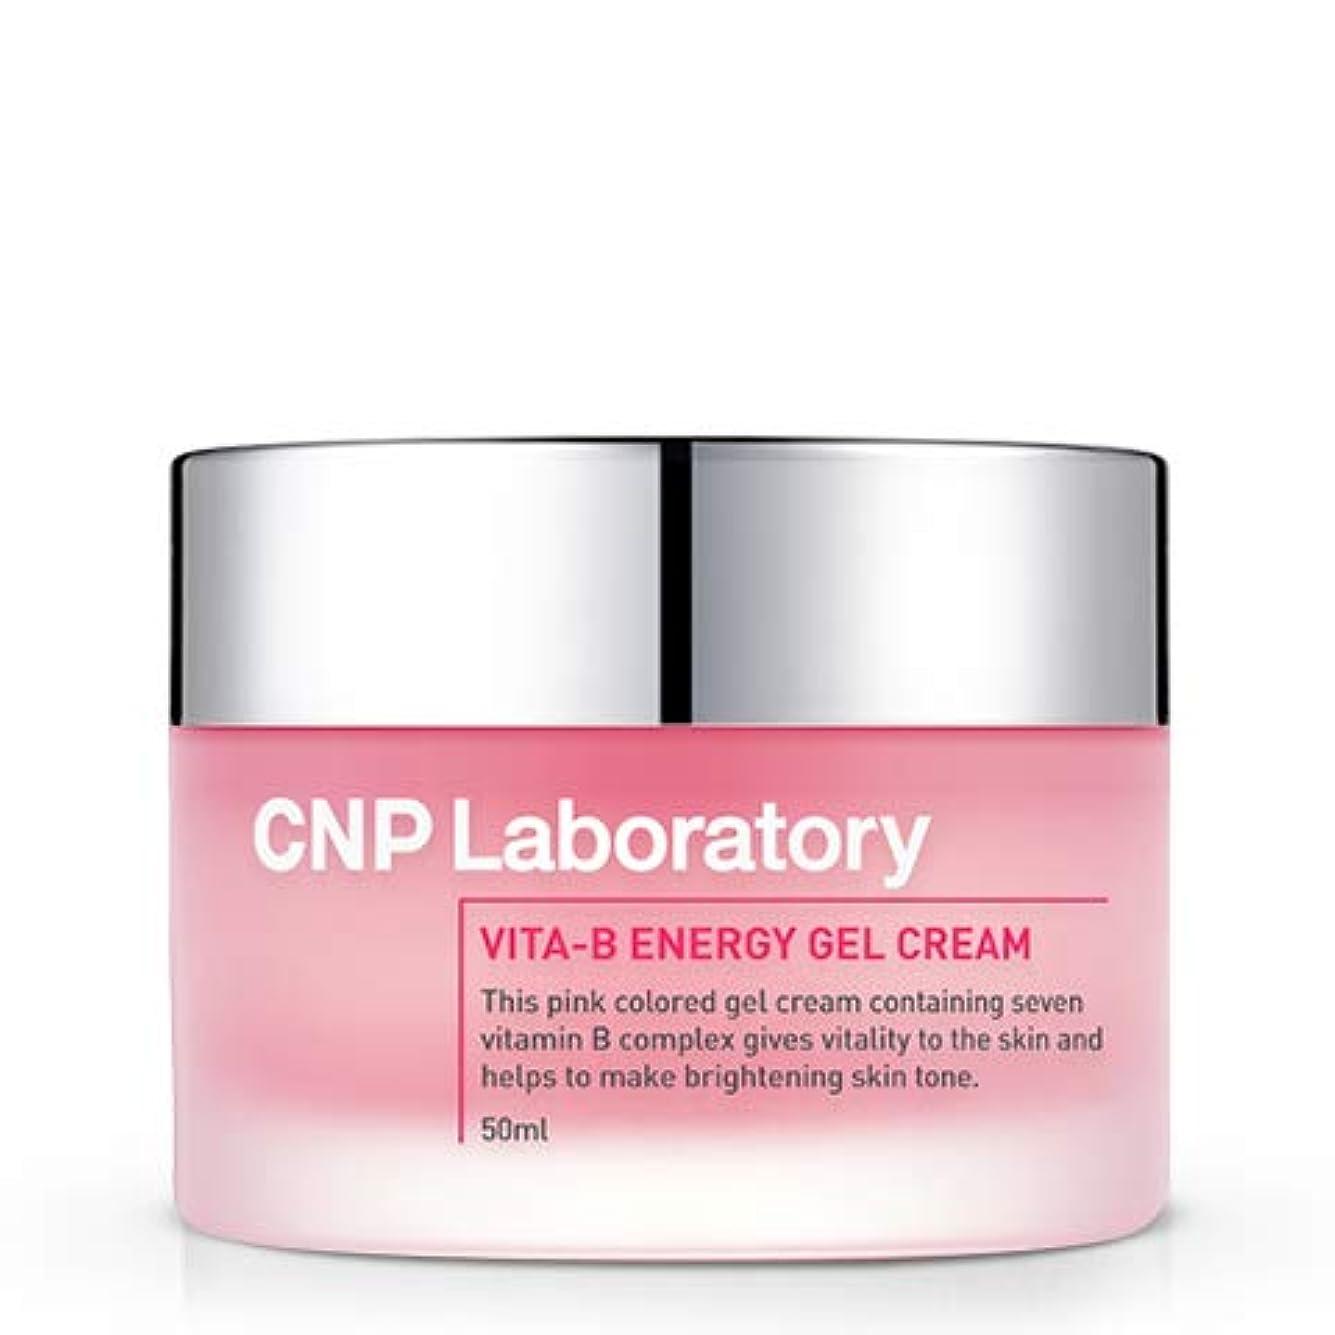 オール食料品店サンドイッチCNP Laboratory Vita-Bエナジージェルクリーム/Vita-B Energy Gel Cream 50ml [並行輸入品]